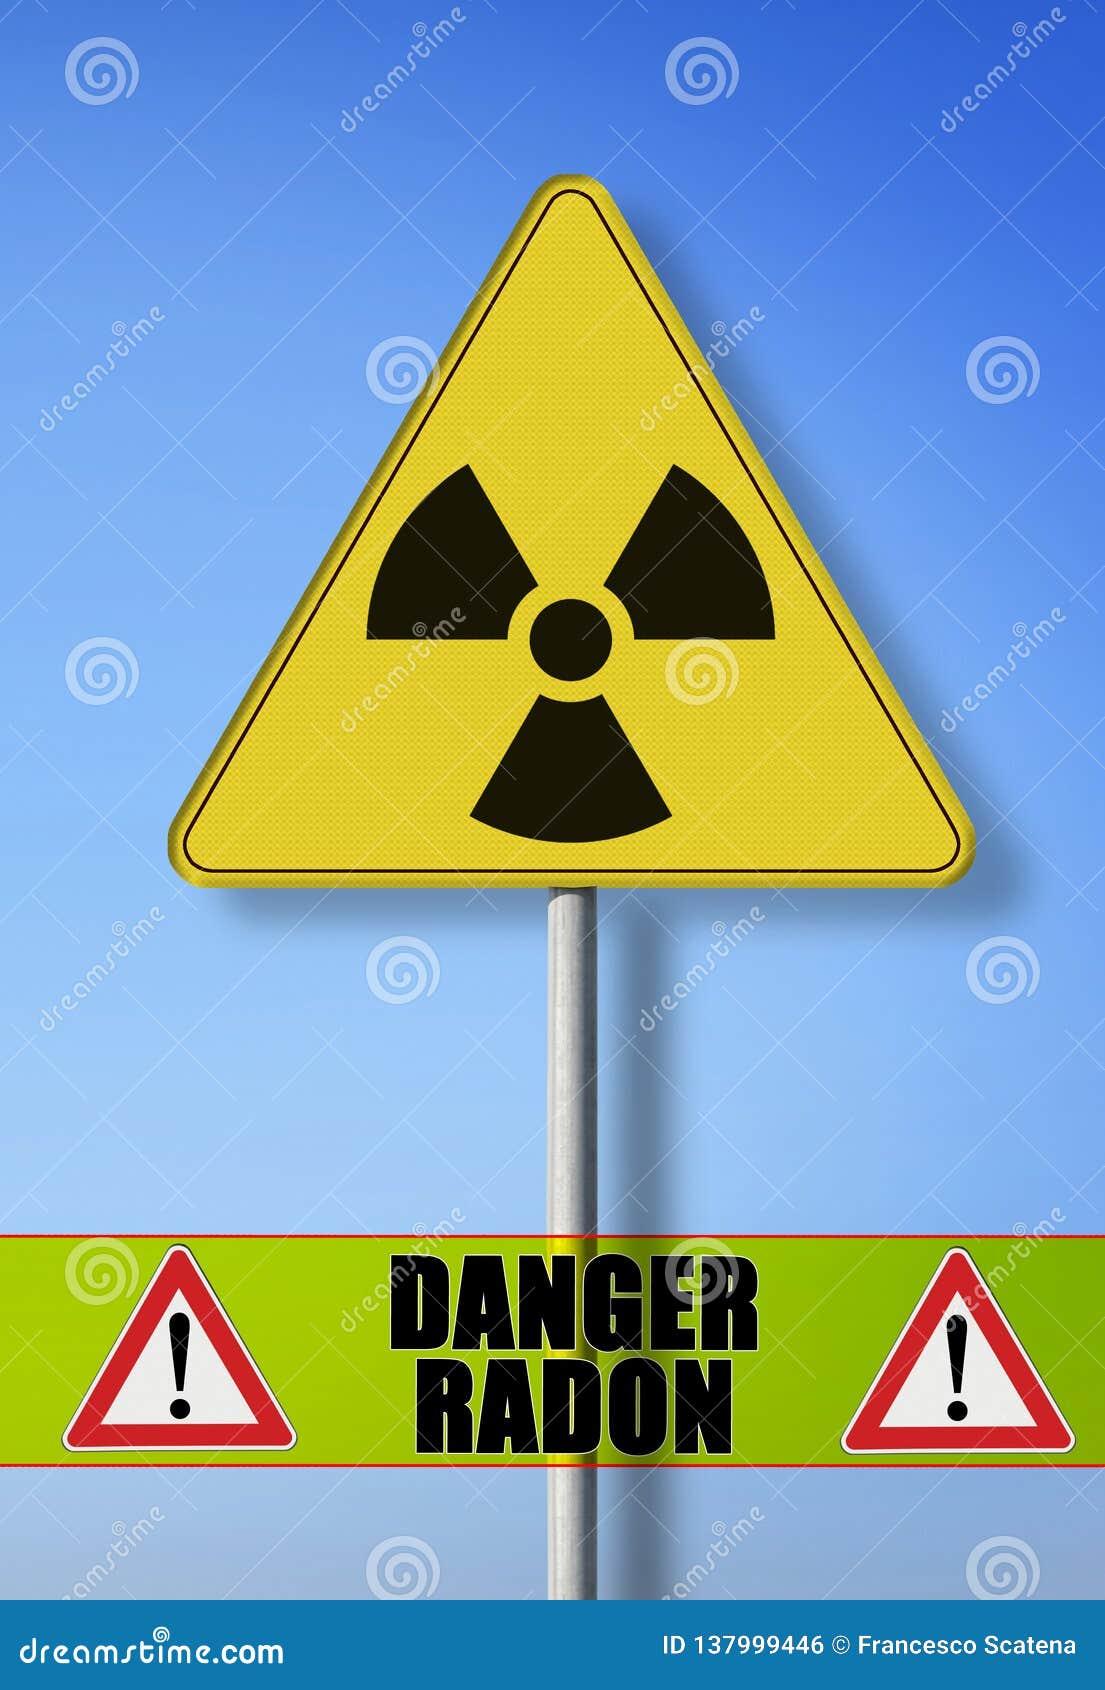 Gevaar van radioactieve besmetting van gasradon - conceptenbeeld